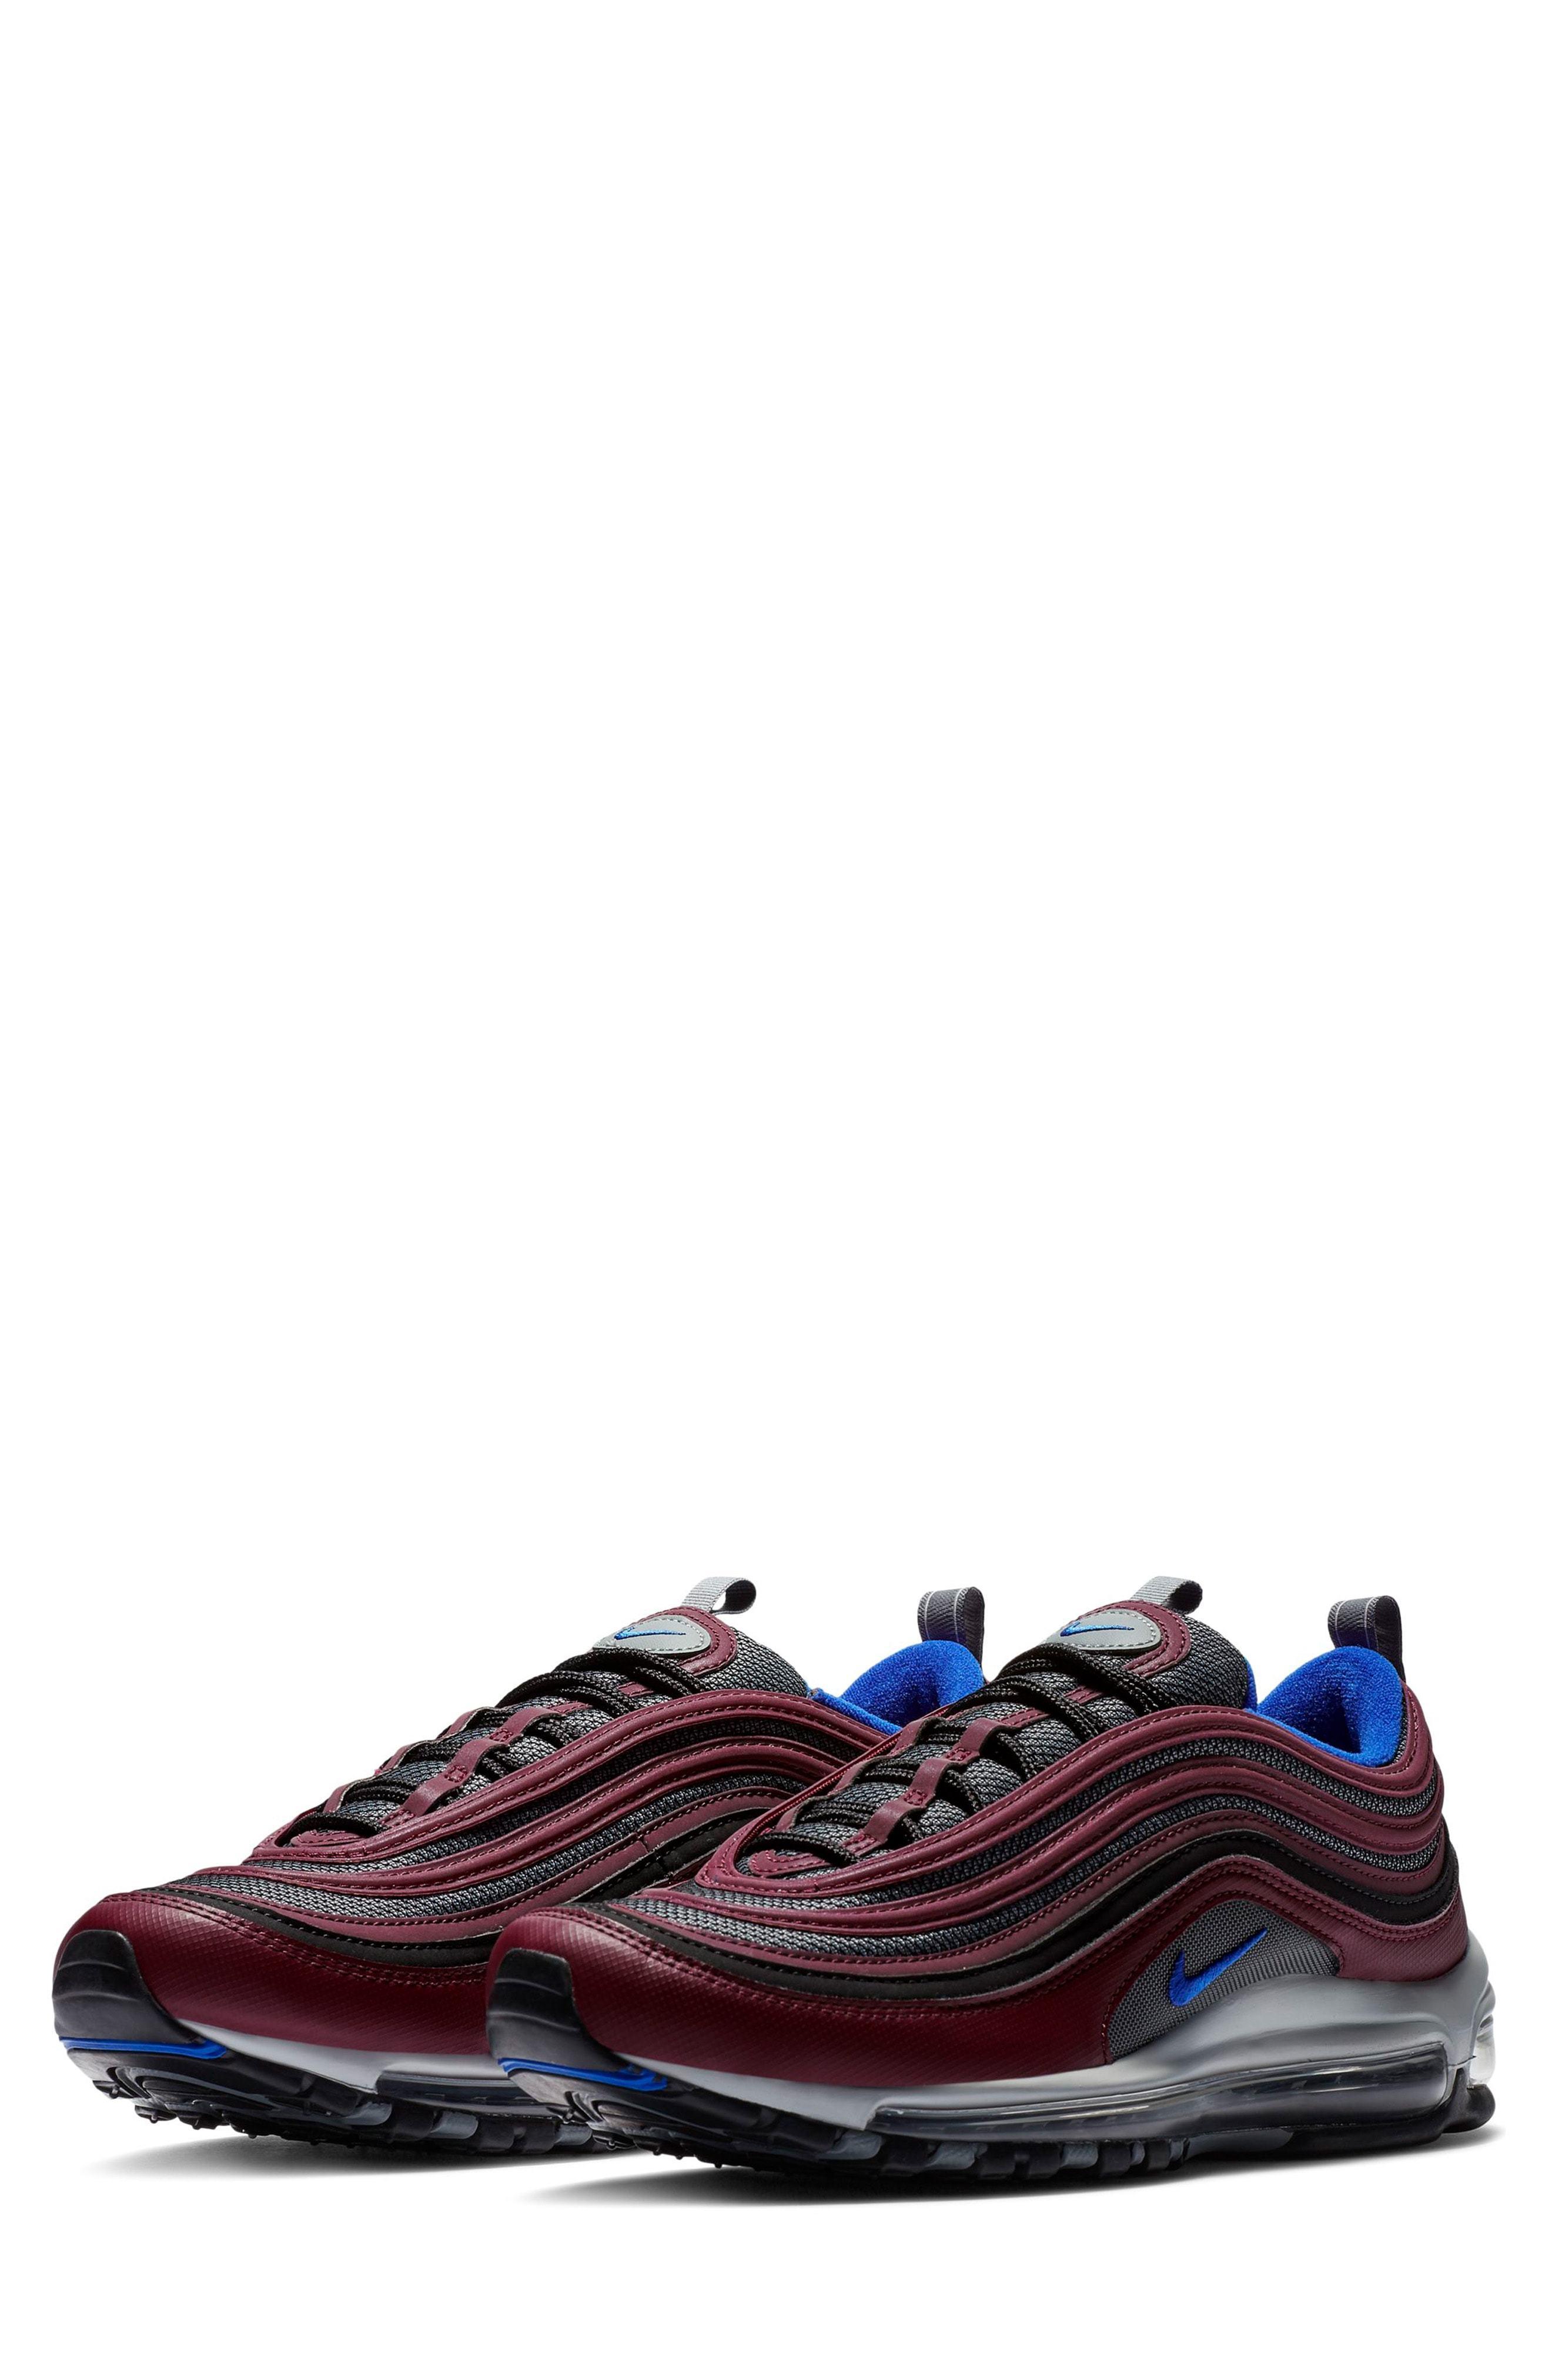 pretty nice a1b9e c1866 Air Max 97 Sneaker